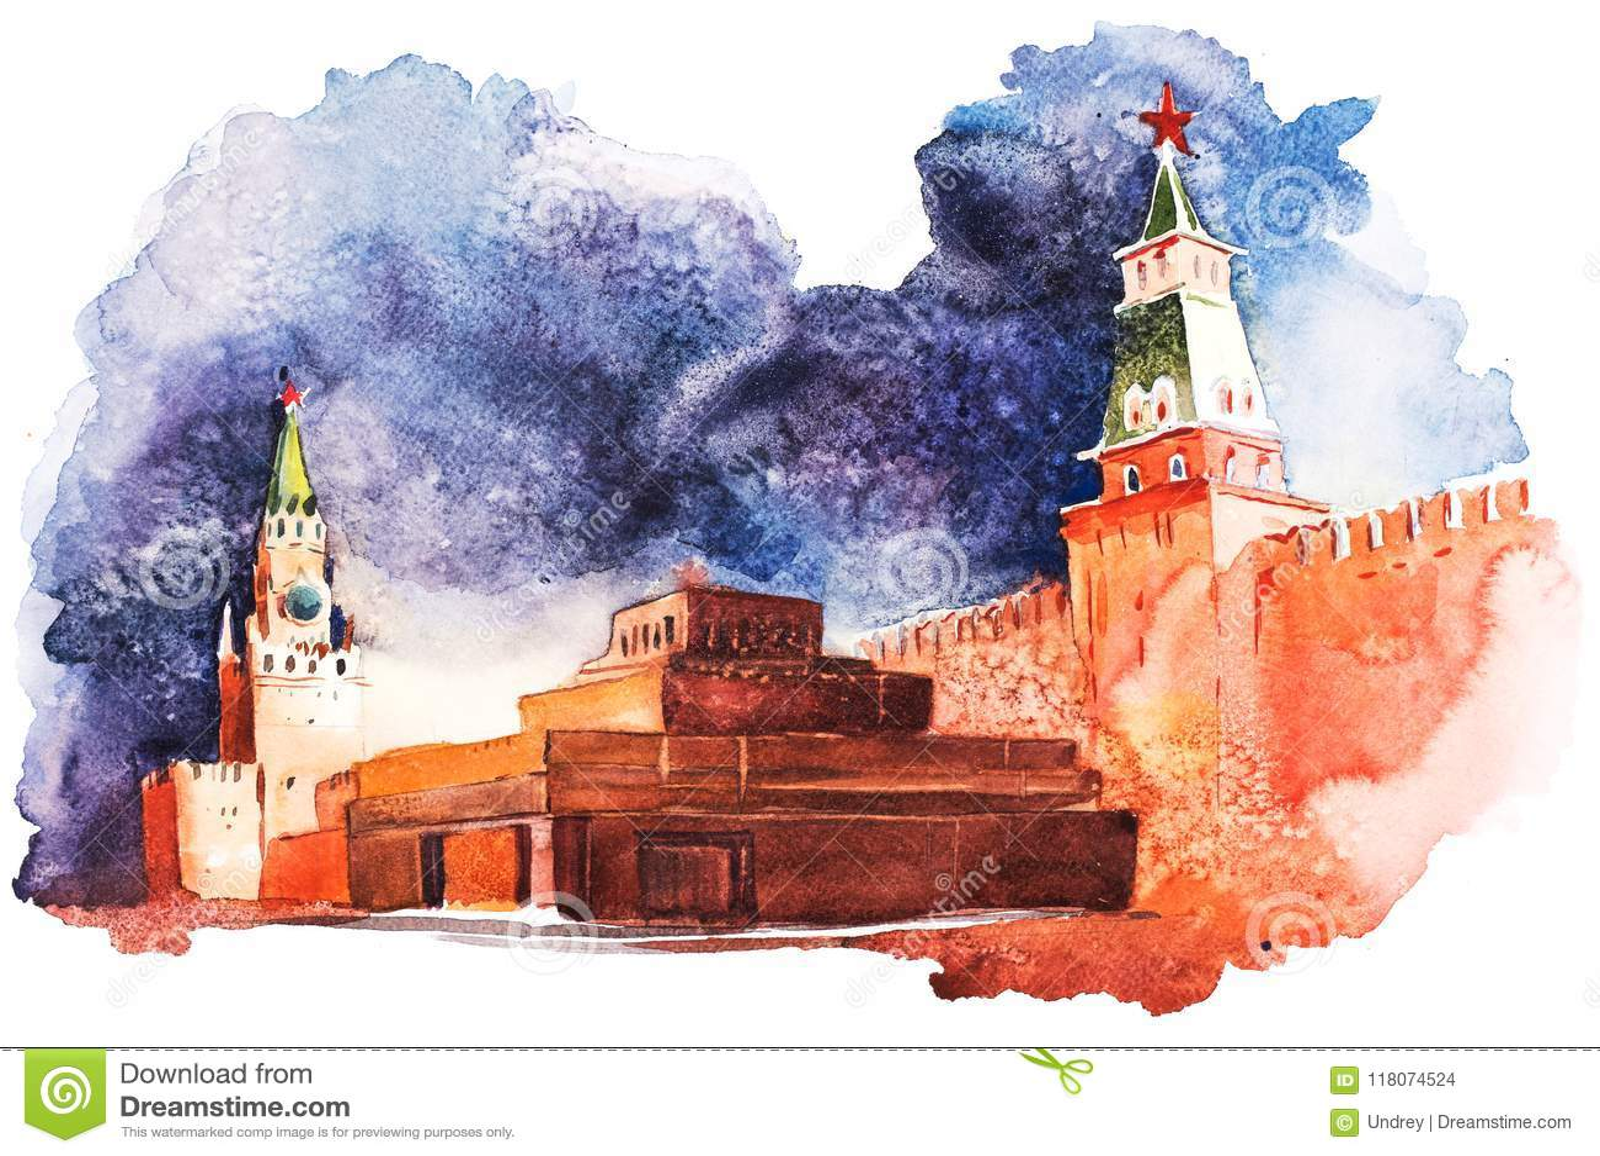 列宁陵墓在红场俄罗斯水彩的莫斯科